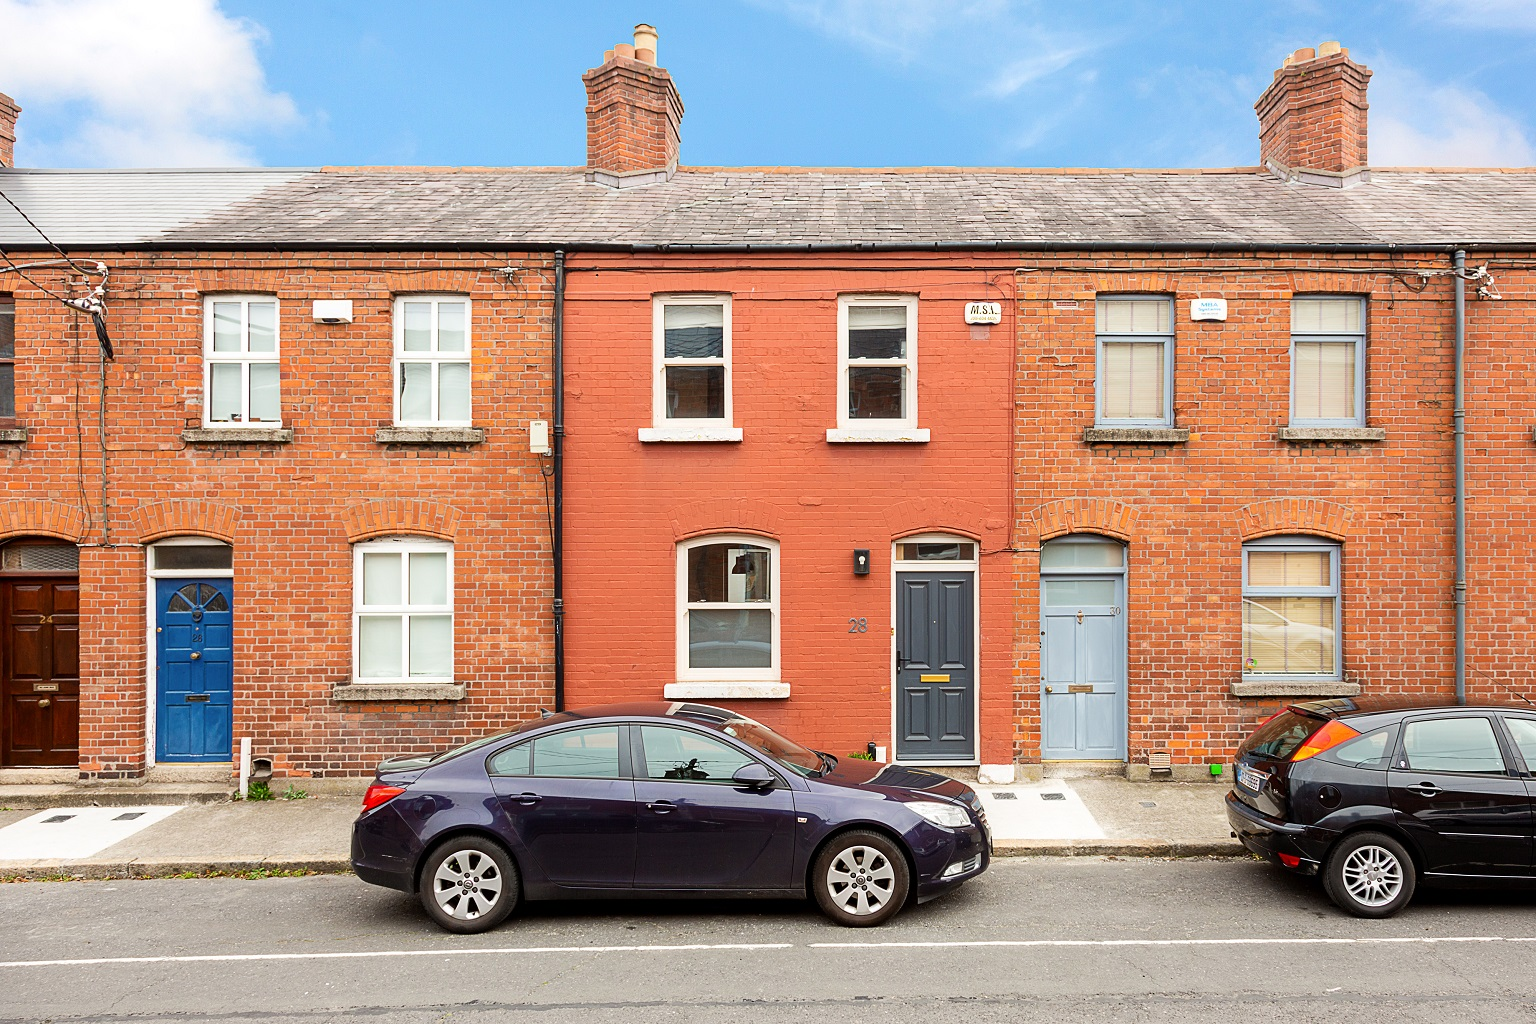 28 Martin Street, Portobello, Dublin 8.